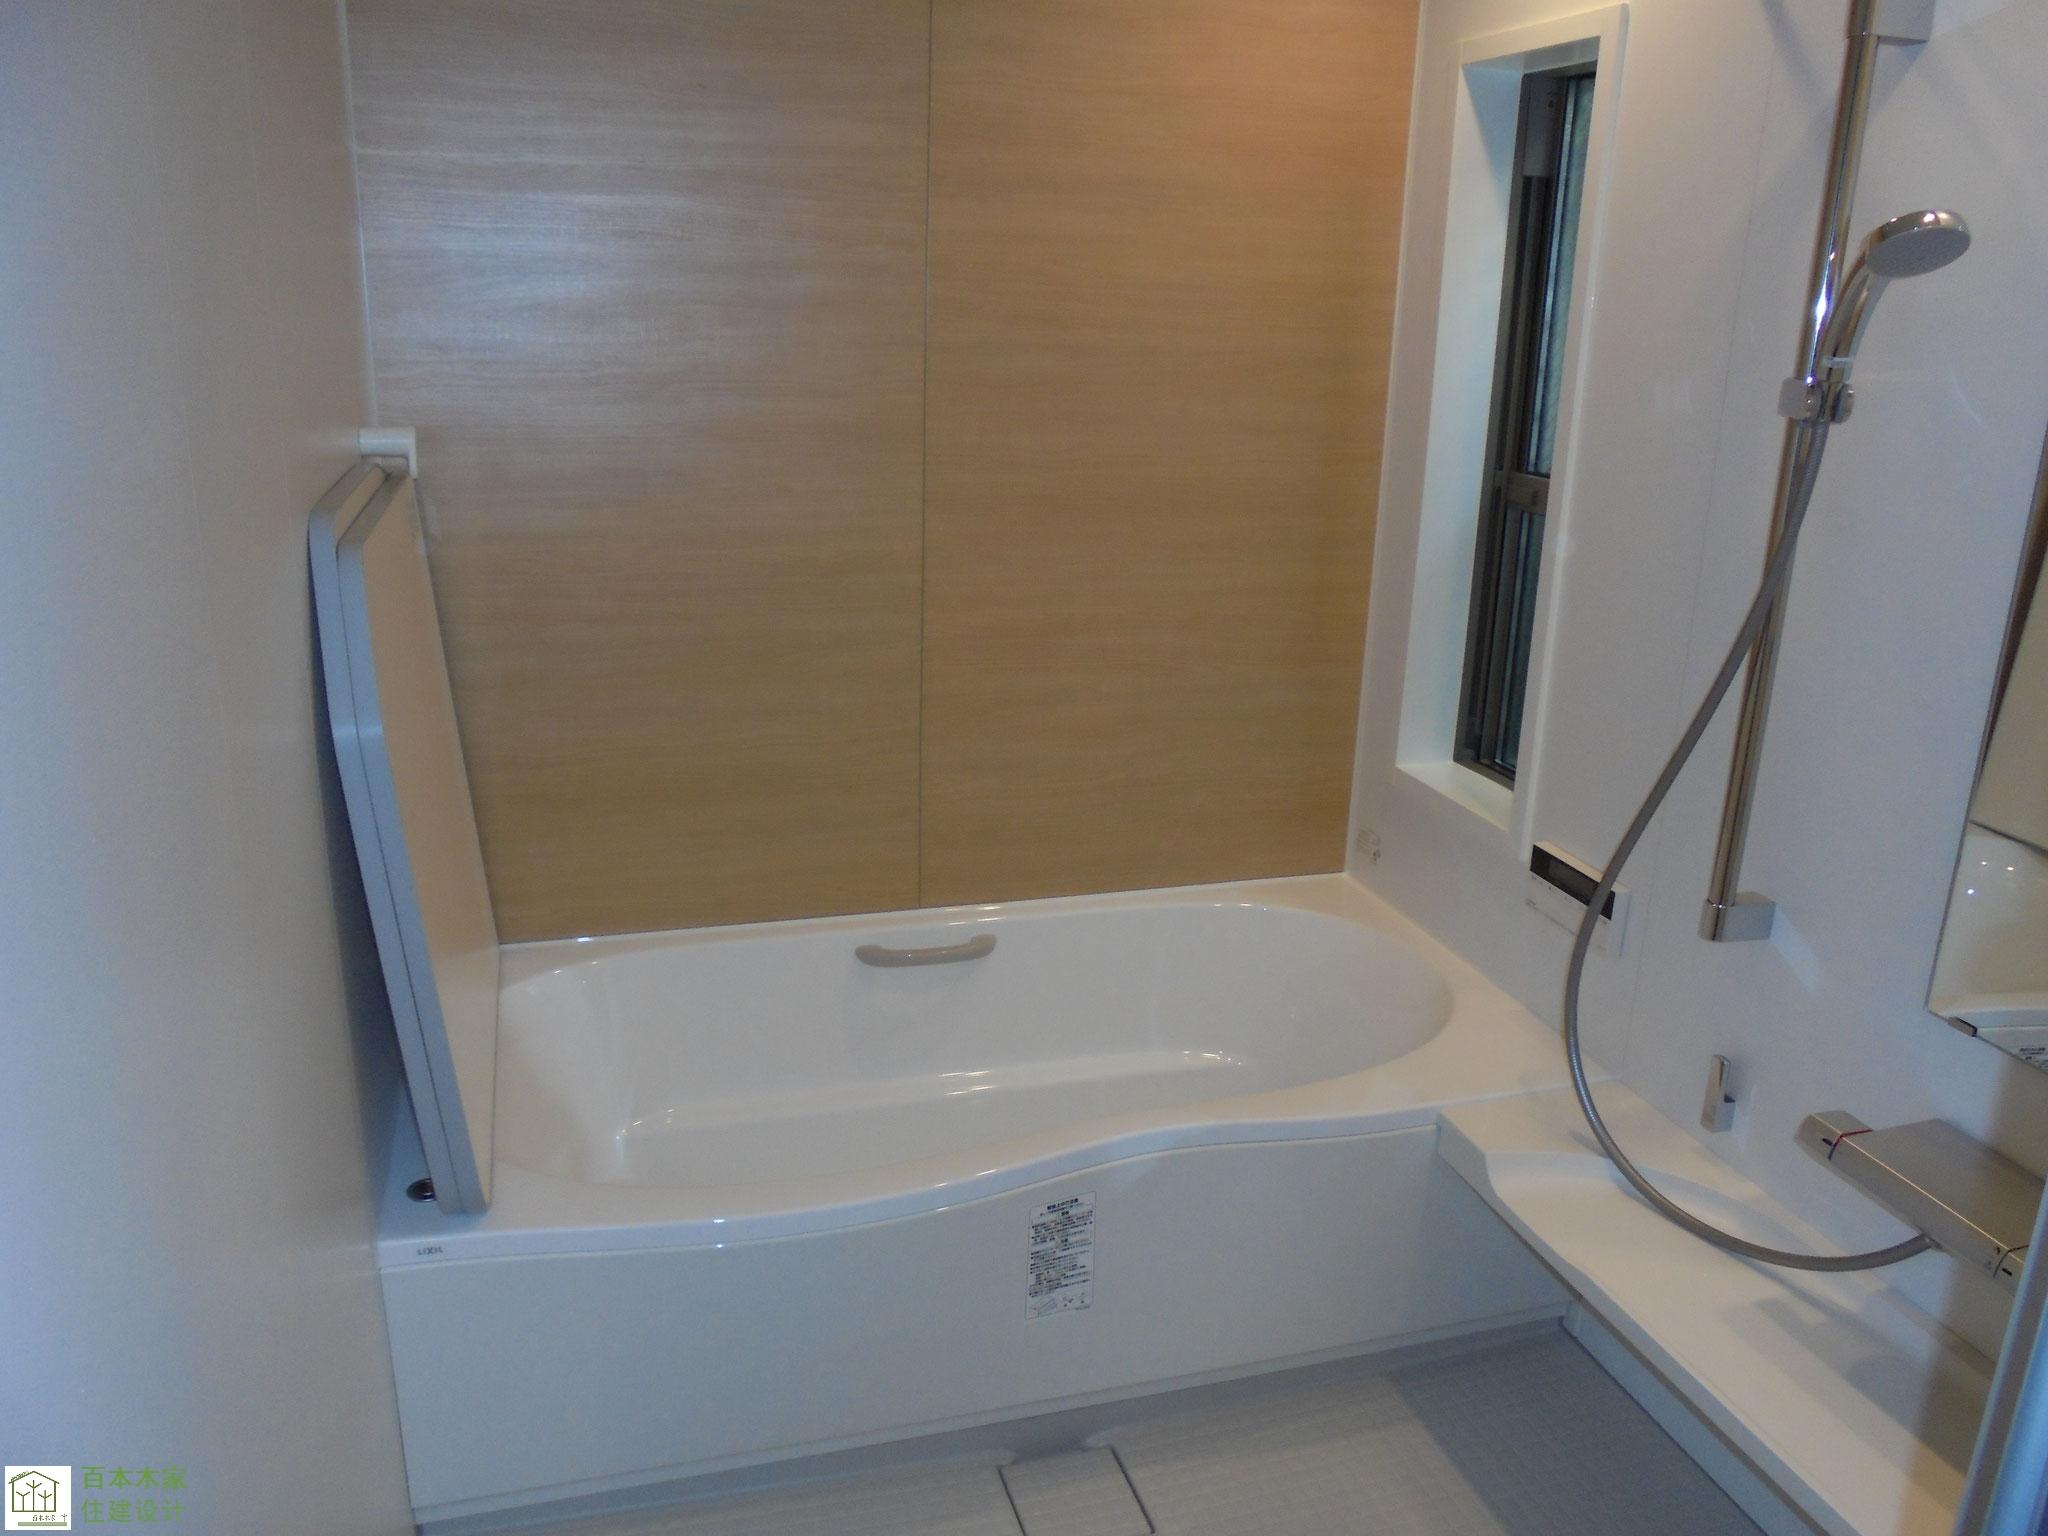 江苏整体浴室保温效果好么,整体浴室